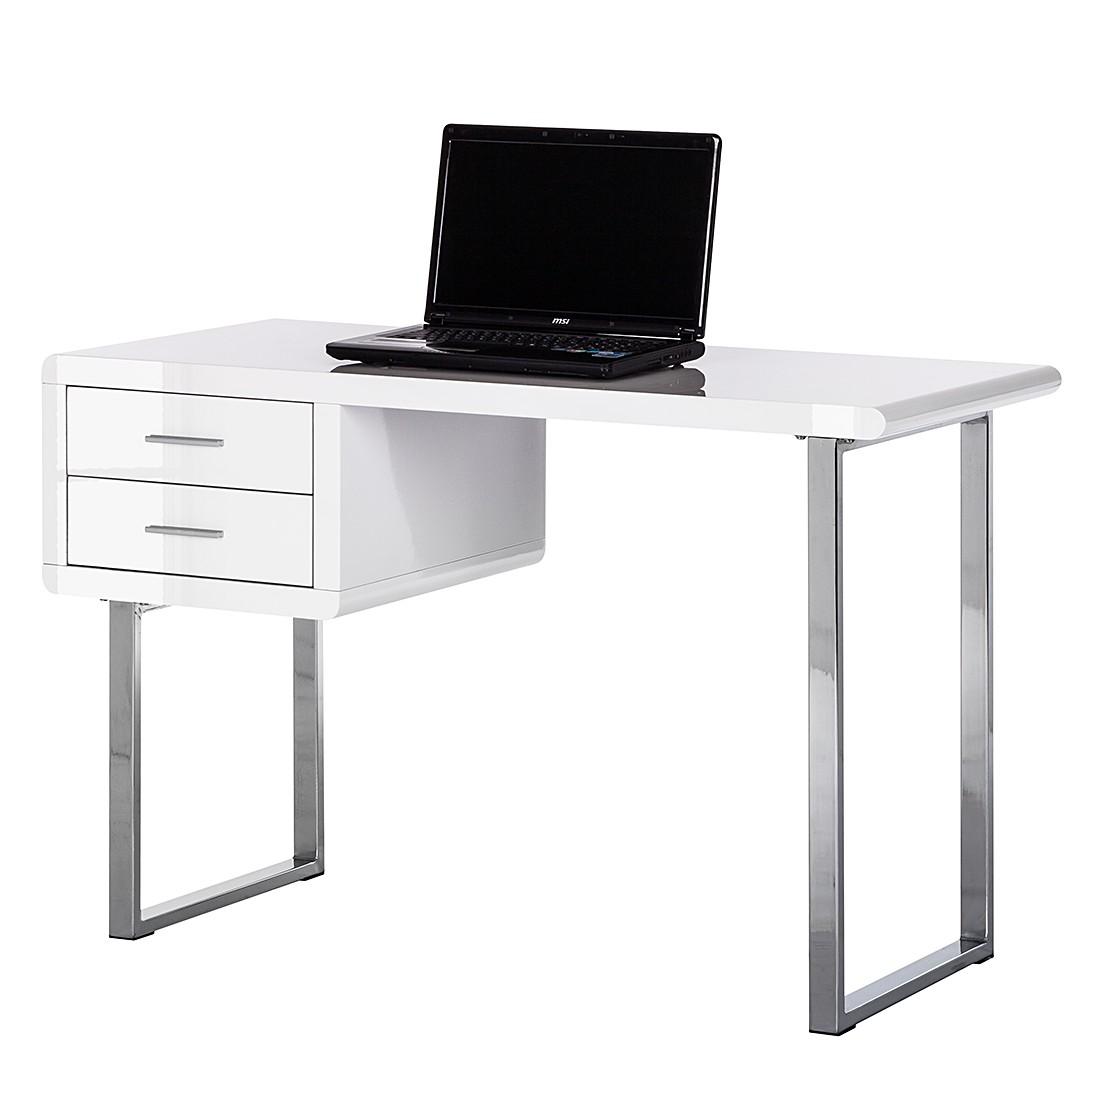 Schreibtisch Desky – Hochglanz Weiß, Fredriks günstig bestellen